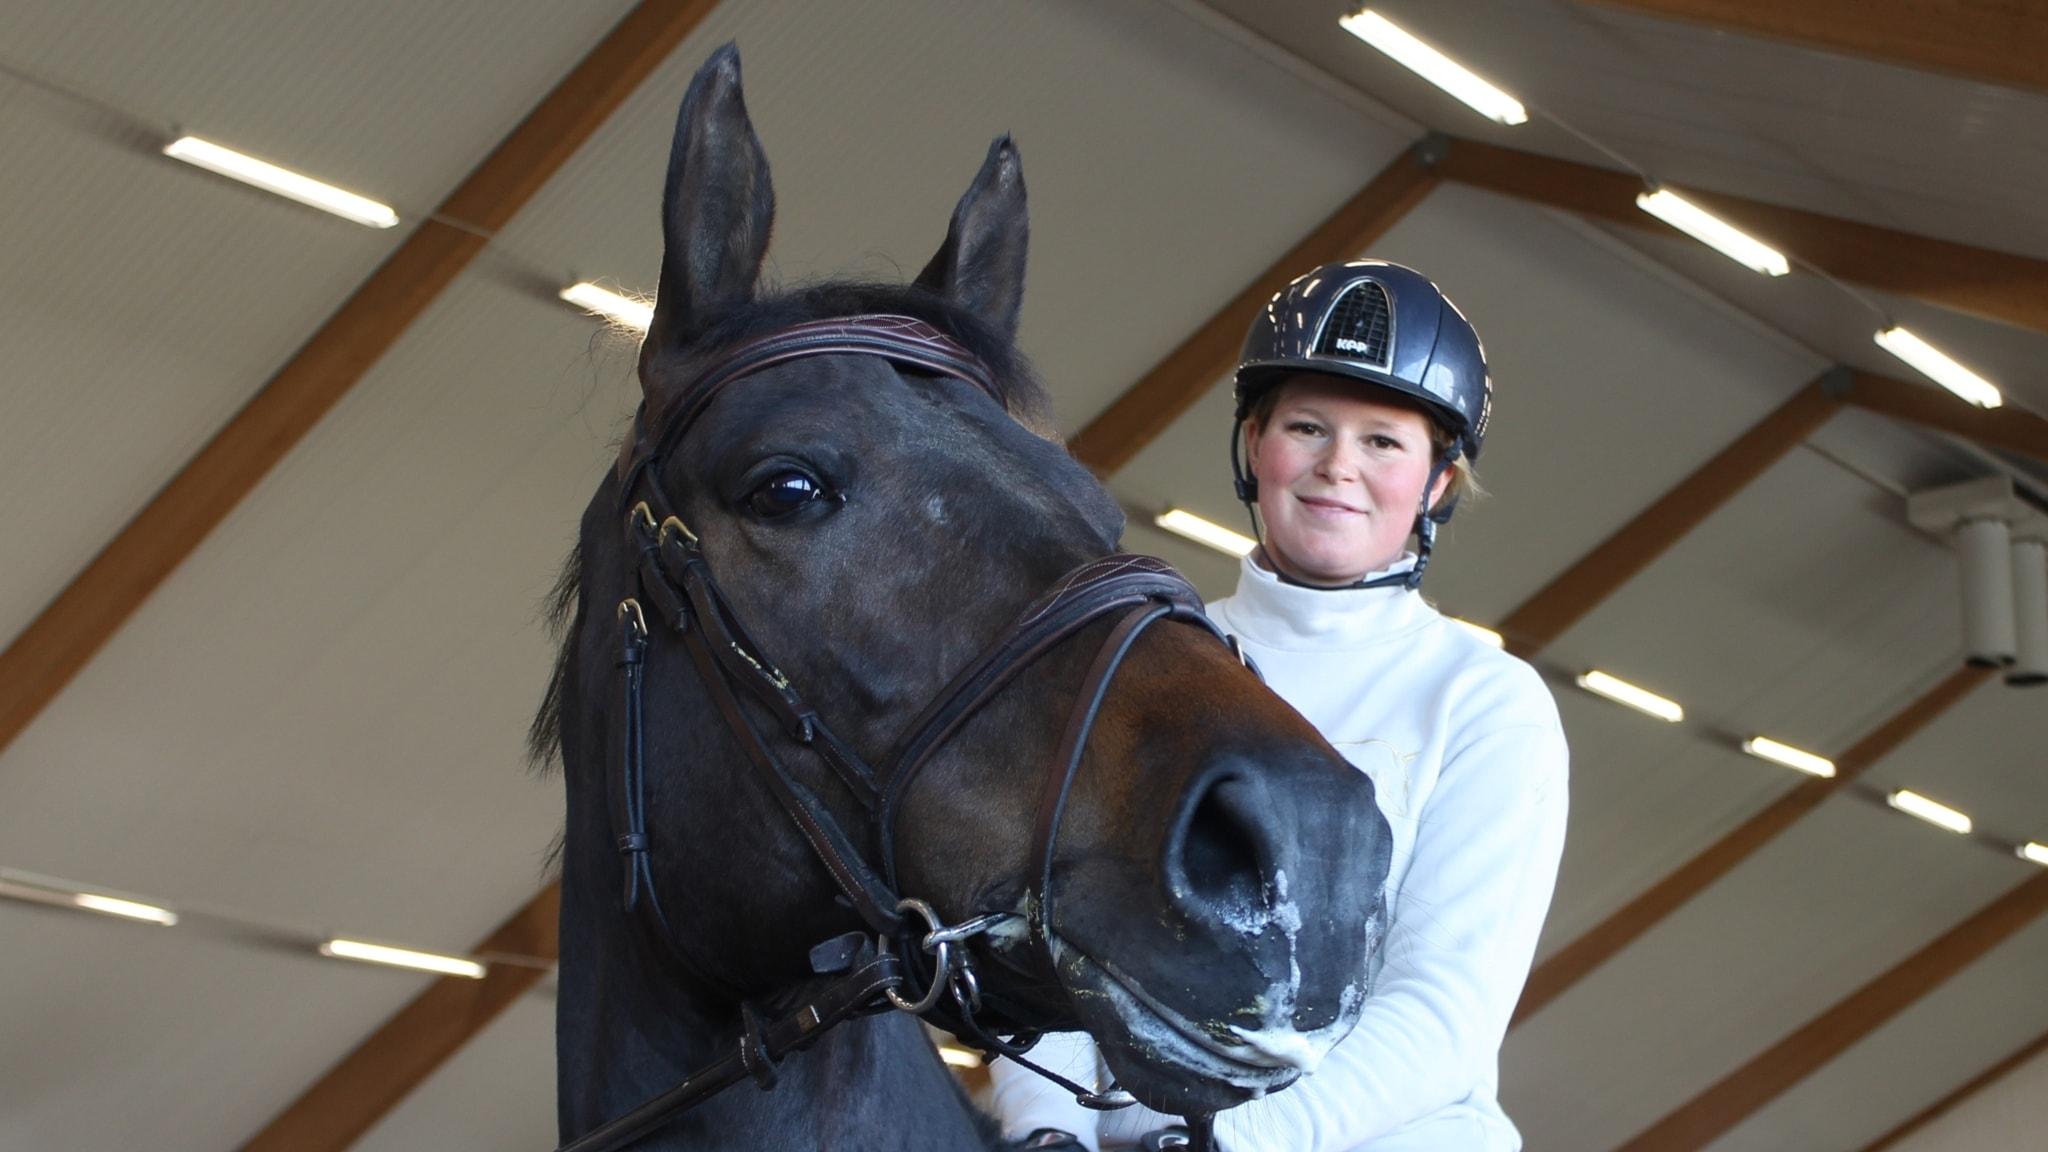 Hopputbilda unghästar - med Stephanie Holmén och Lisen Bratt Fredricson